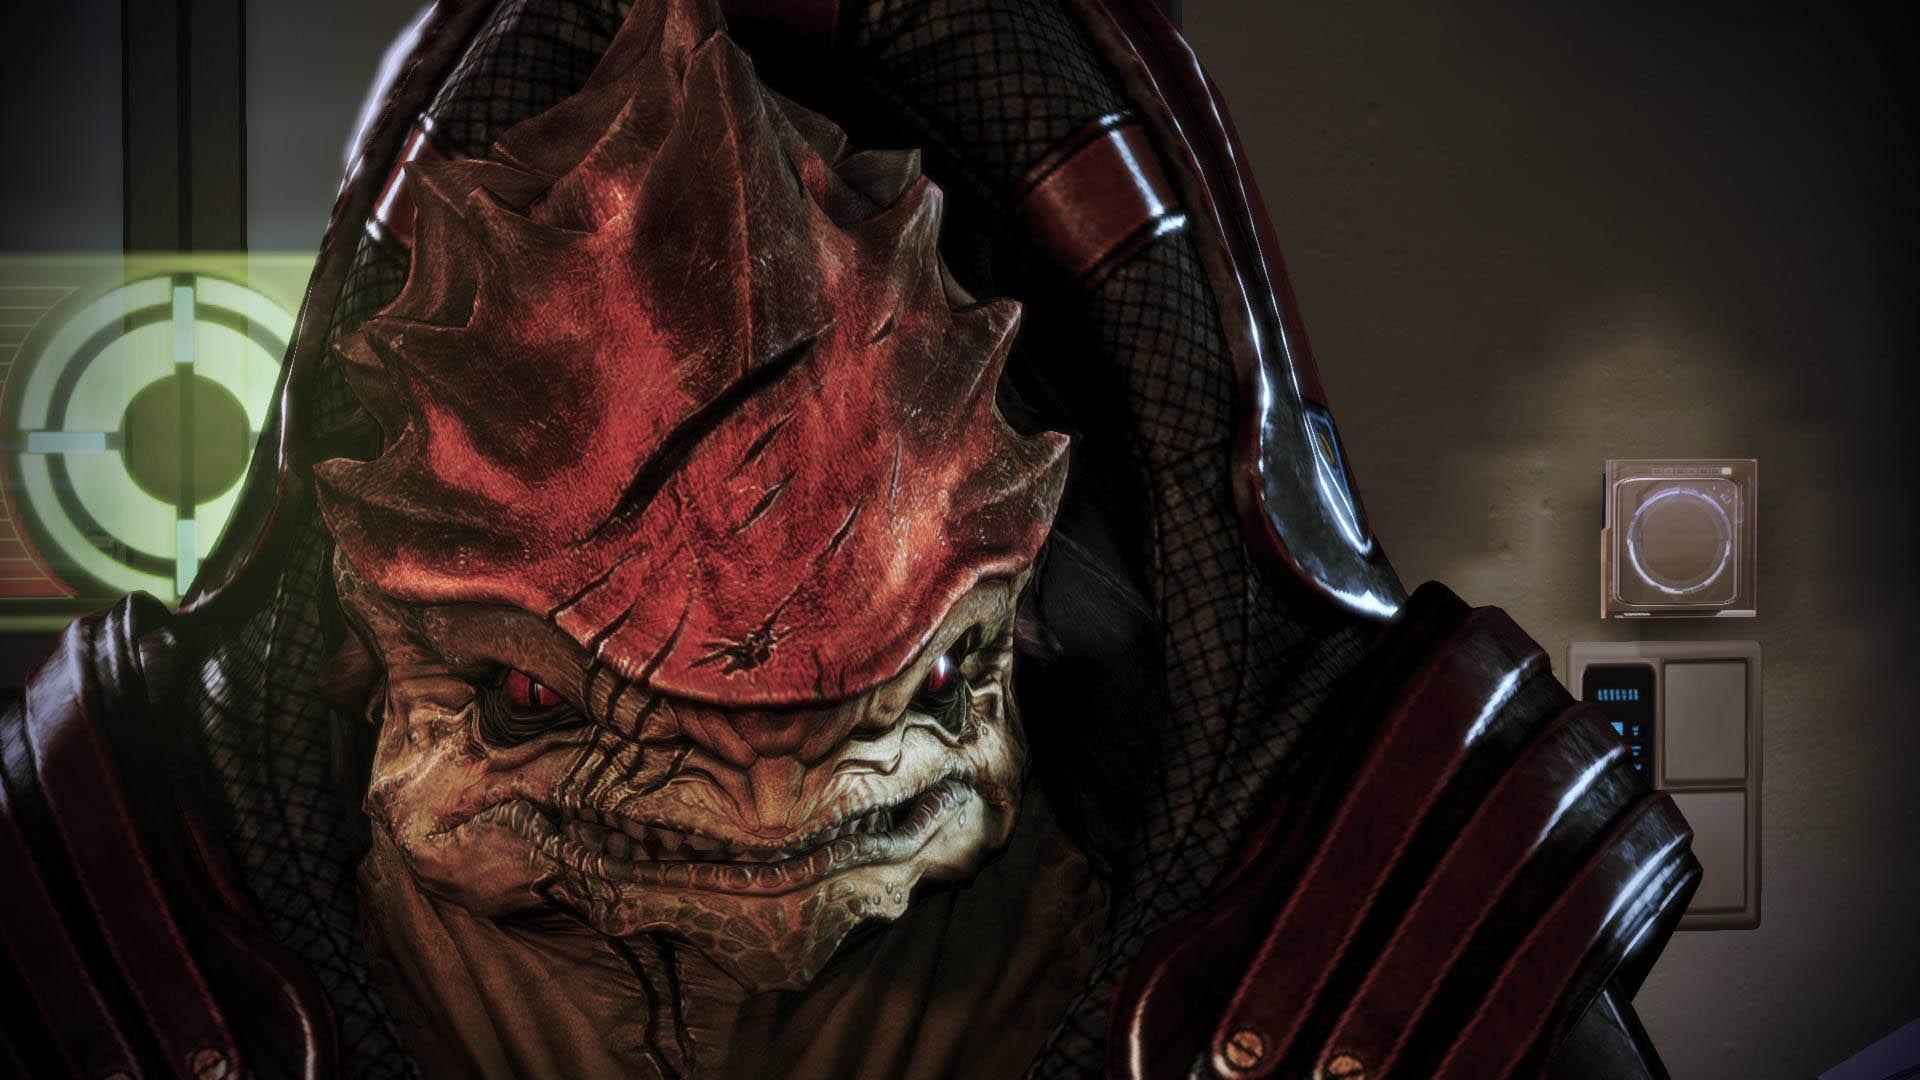 Mass Effect 3 - Urdnot Wrex